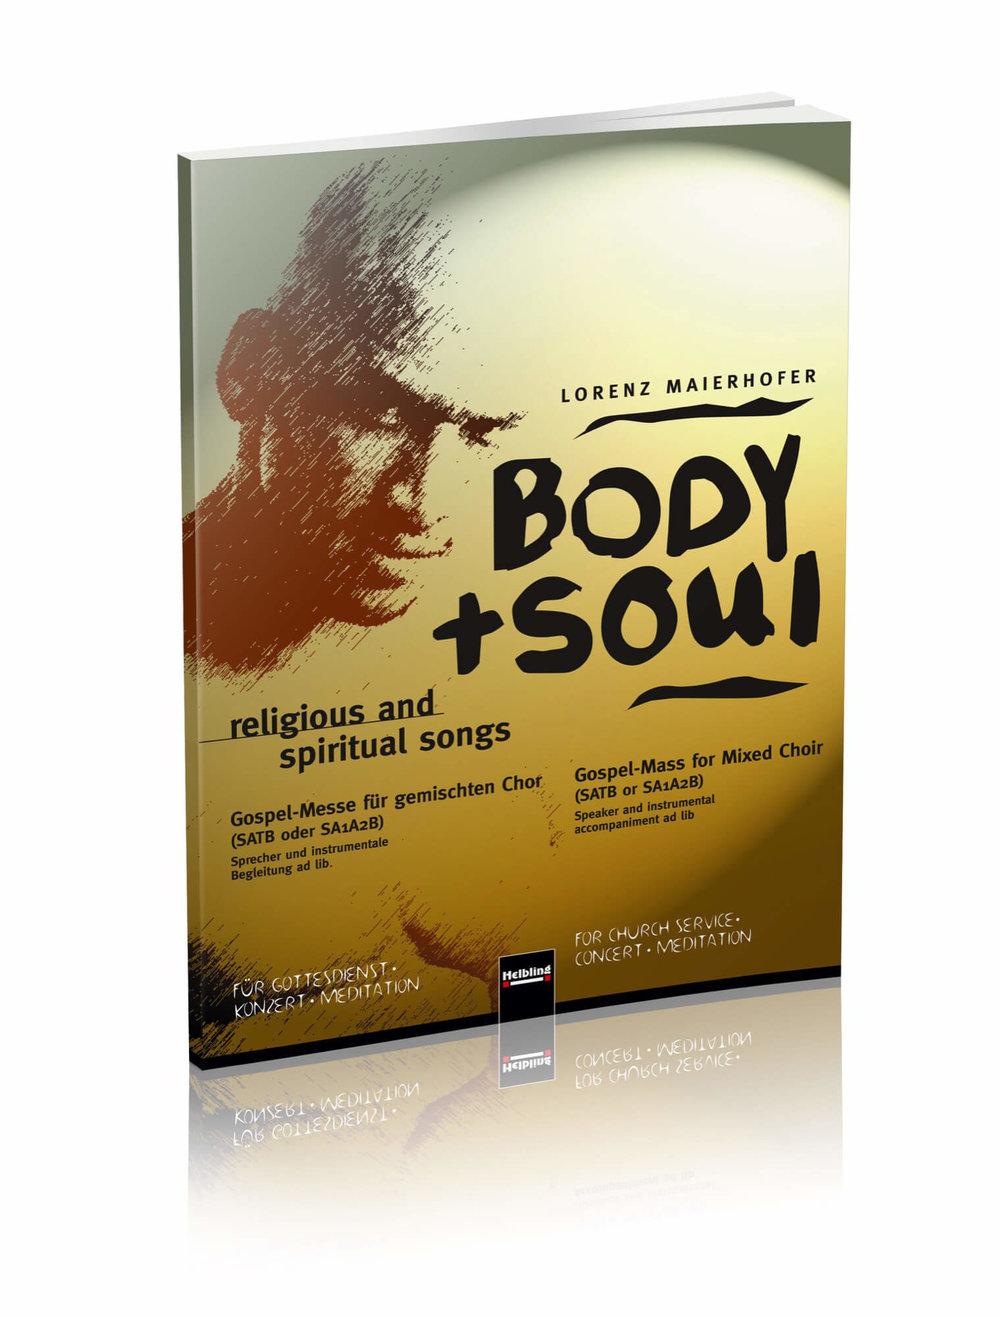 ▸ BODY + SOUL (GOSPEL-MESSE)